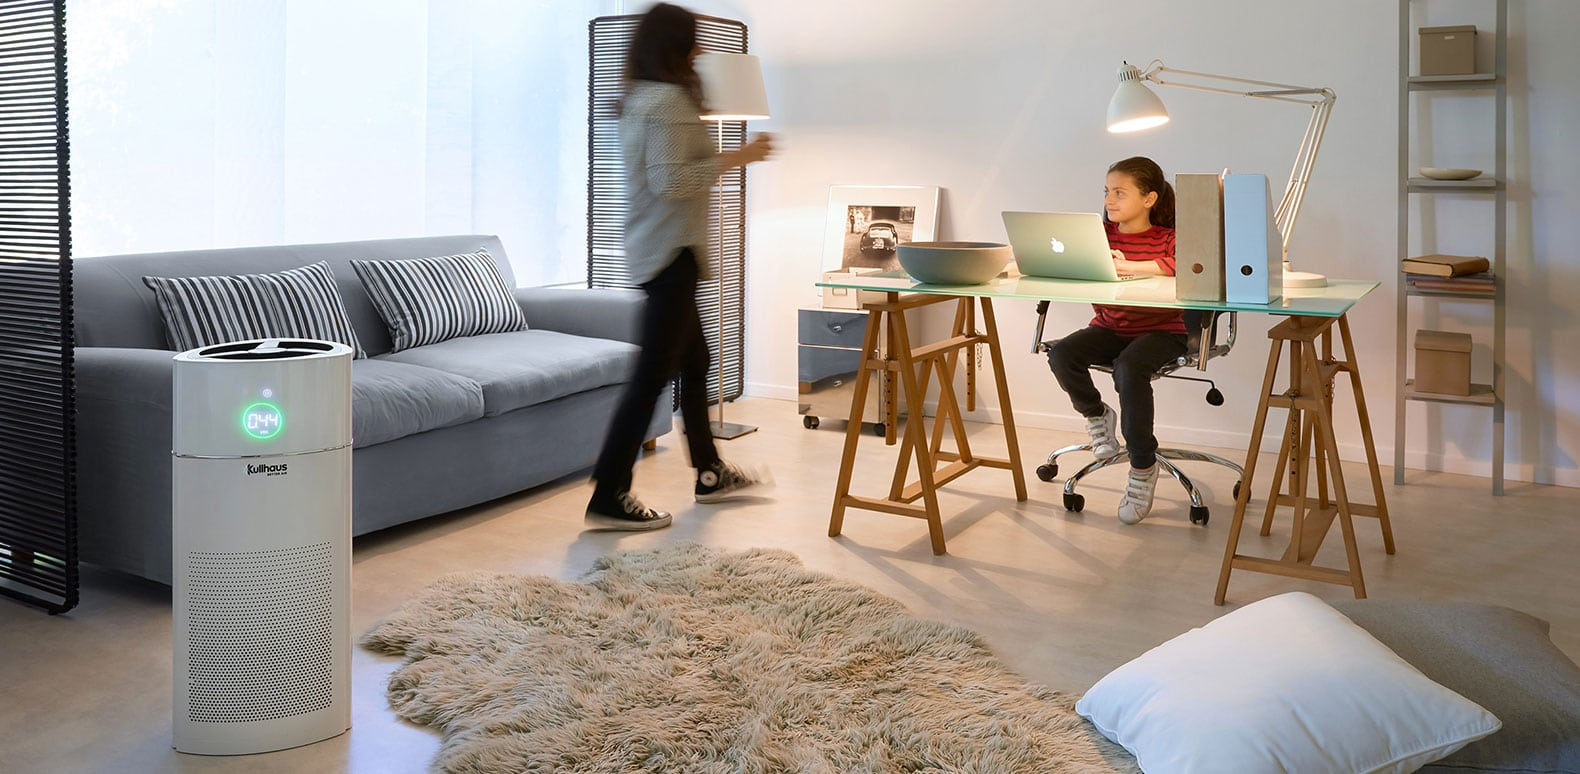 Ποιότητα αέρα εσωτερικού χώρου και αιτίες πρόκλησης συμπτωμάτων άσθματος